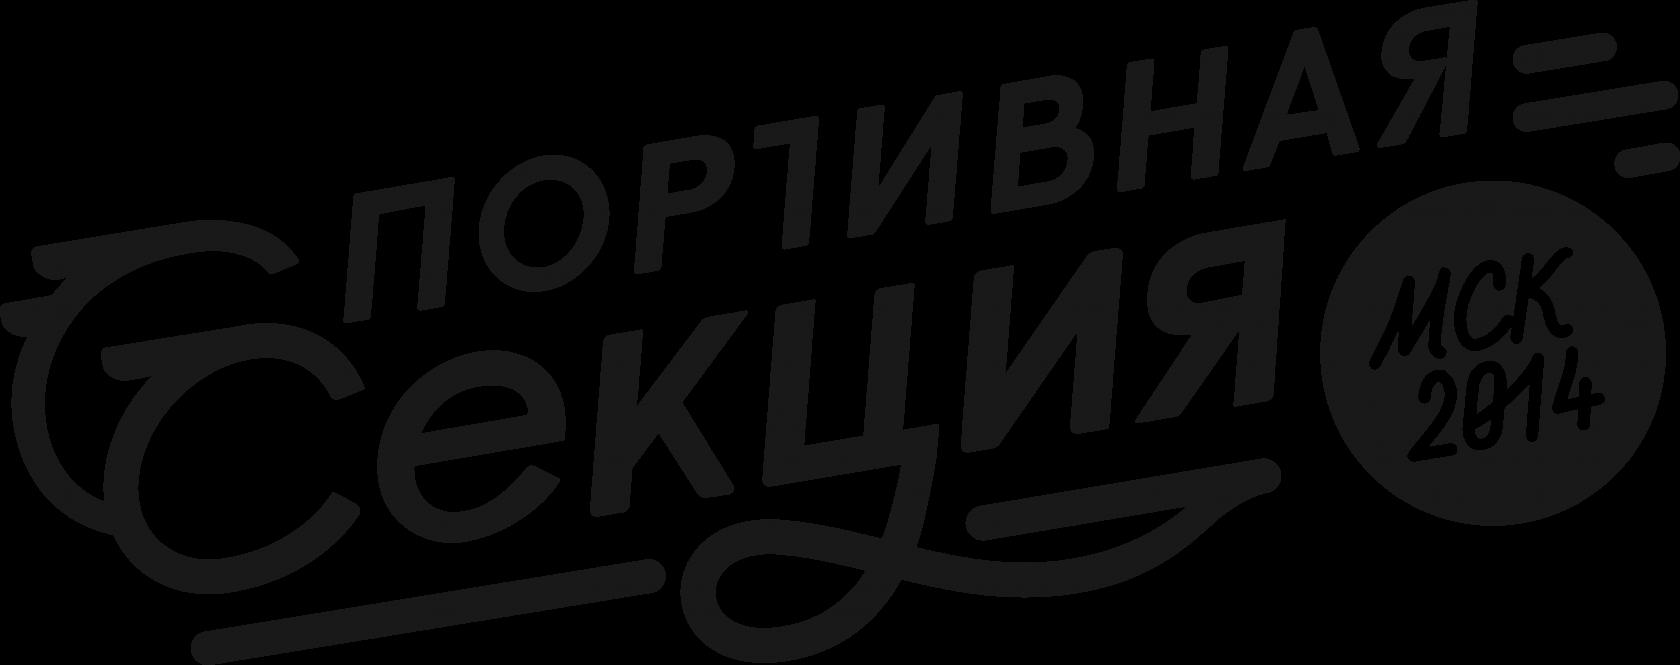 Логотип «Спортивной секции»